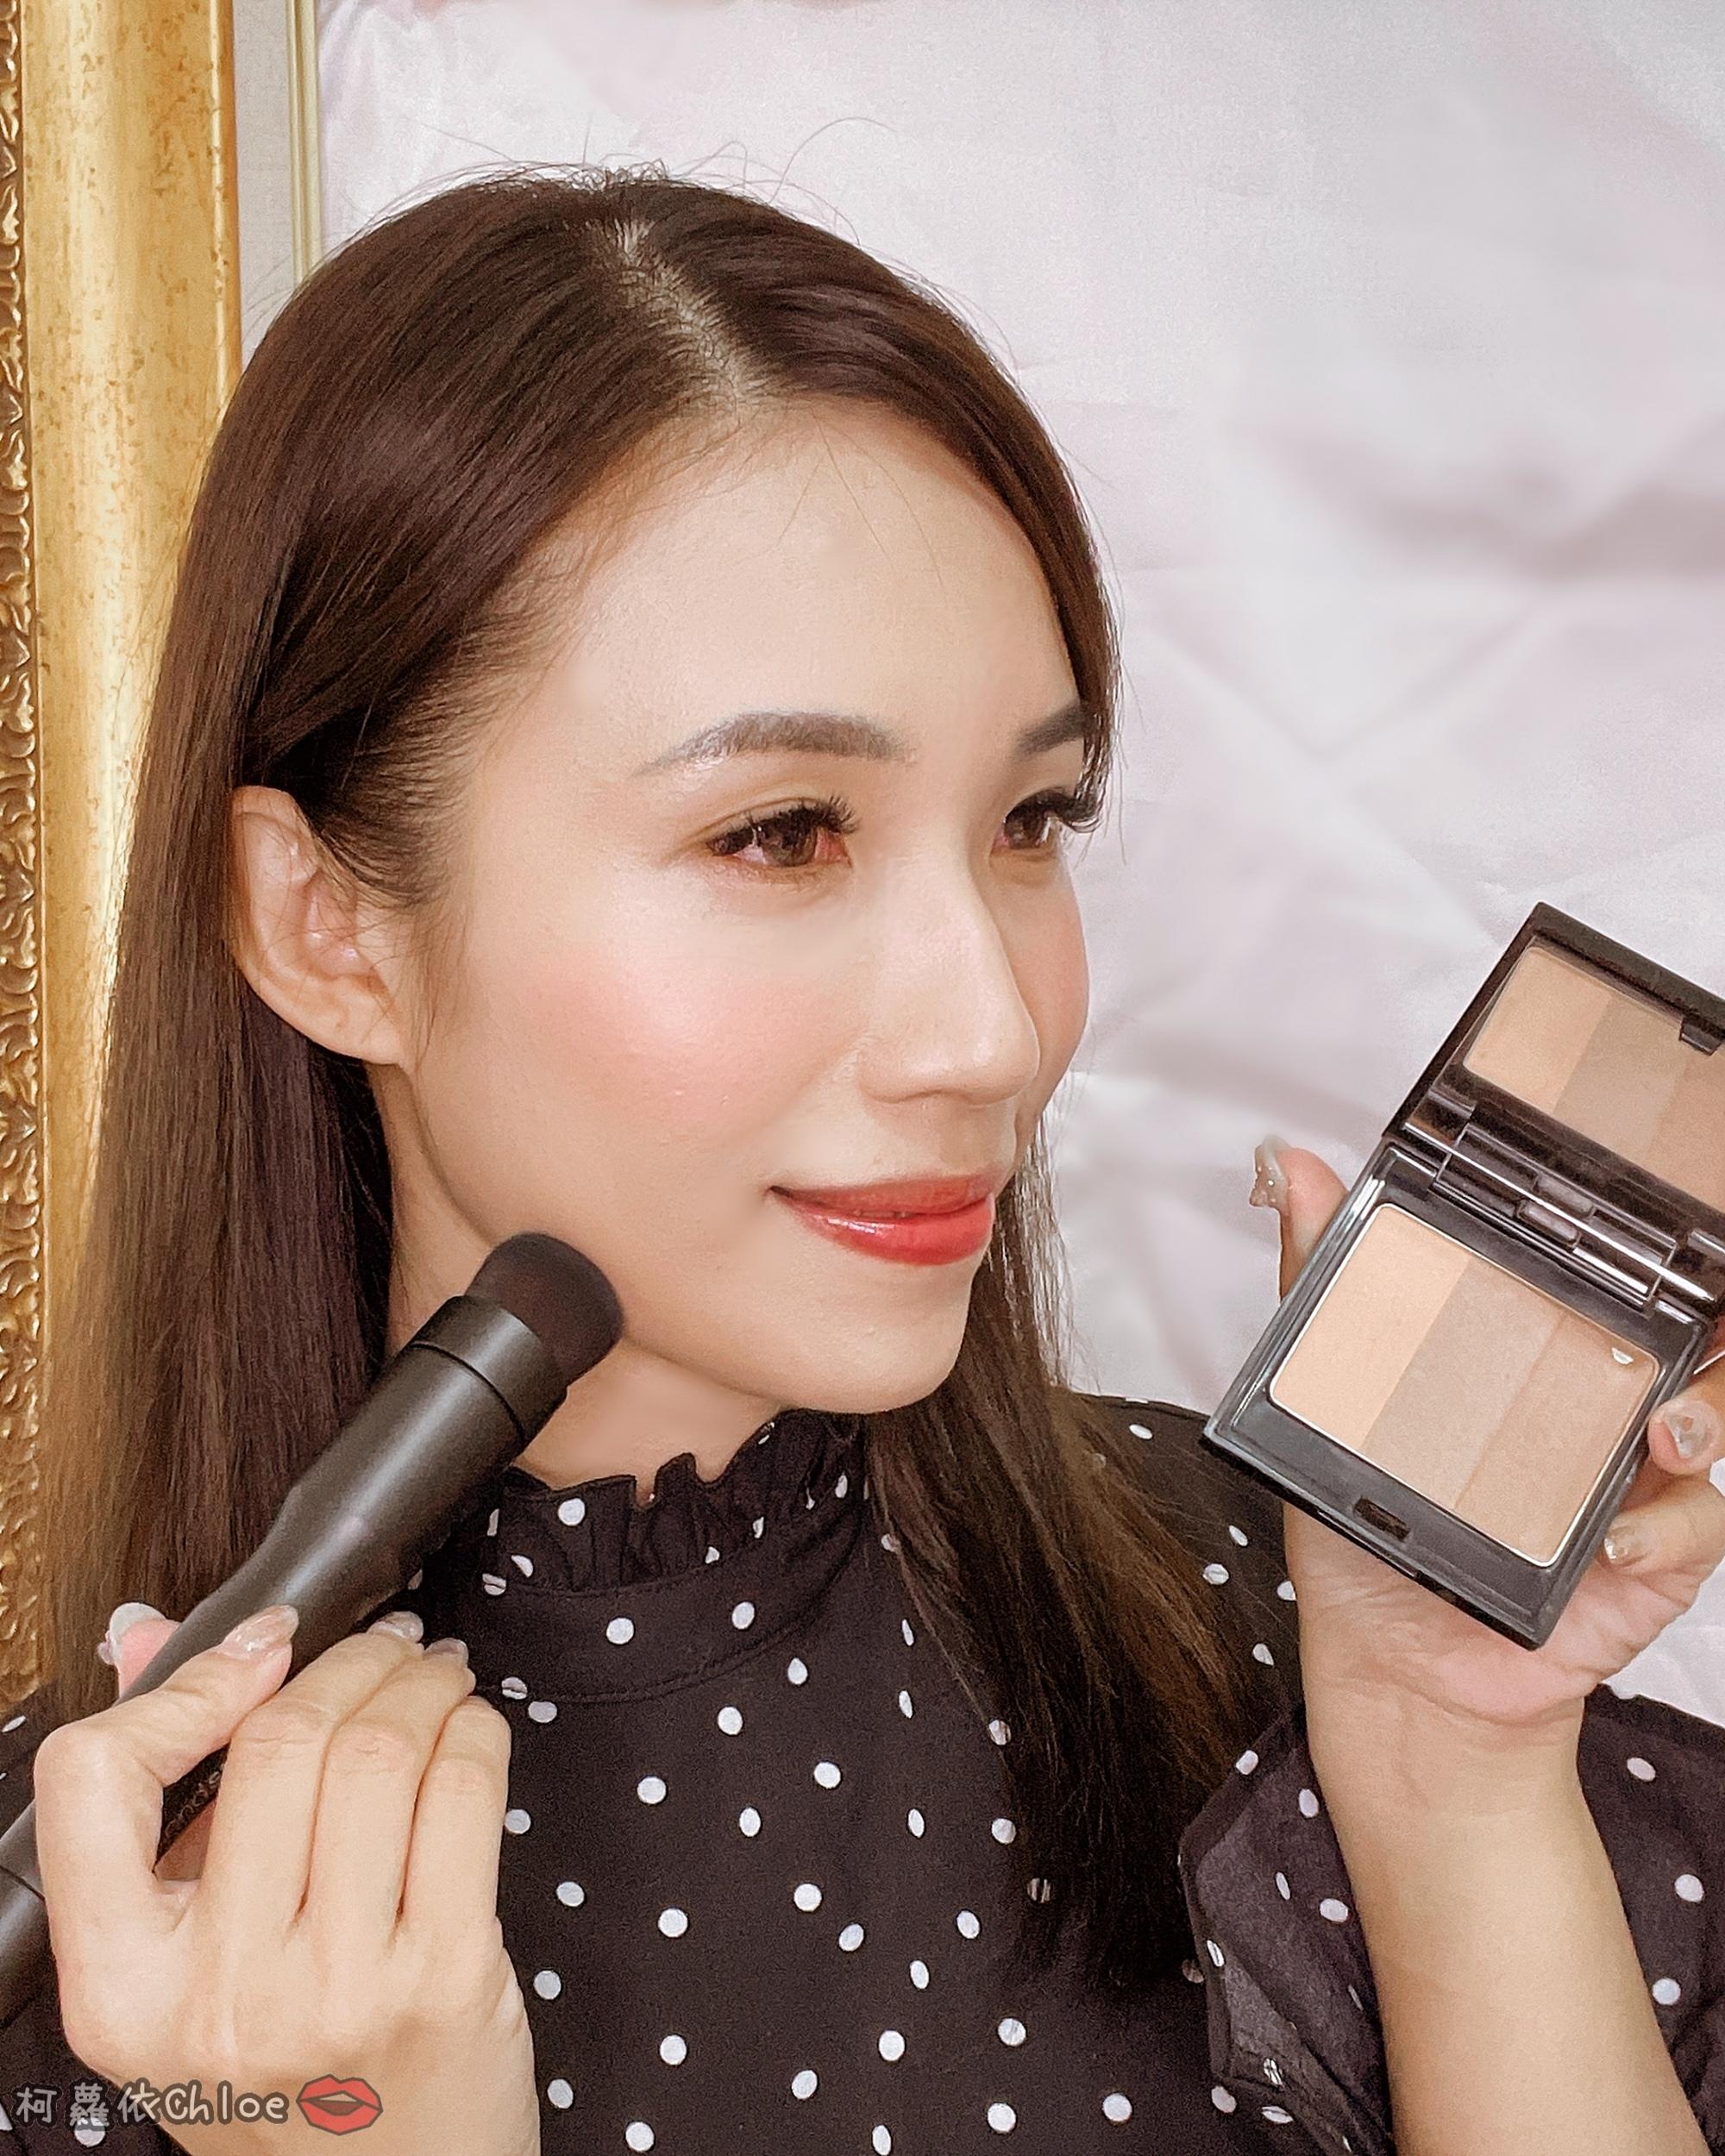 彩妝工具推薦 blendSMART電動化妝刷 達人套裝開箱 上妝輕柔更有效率34.jpg